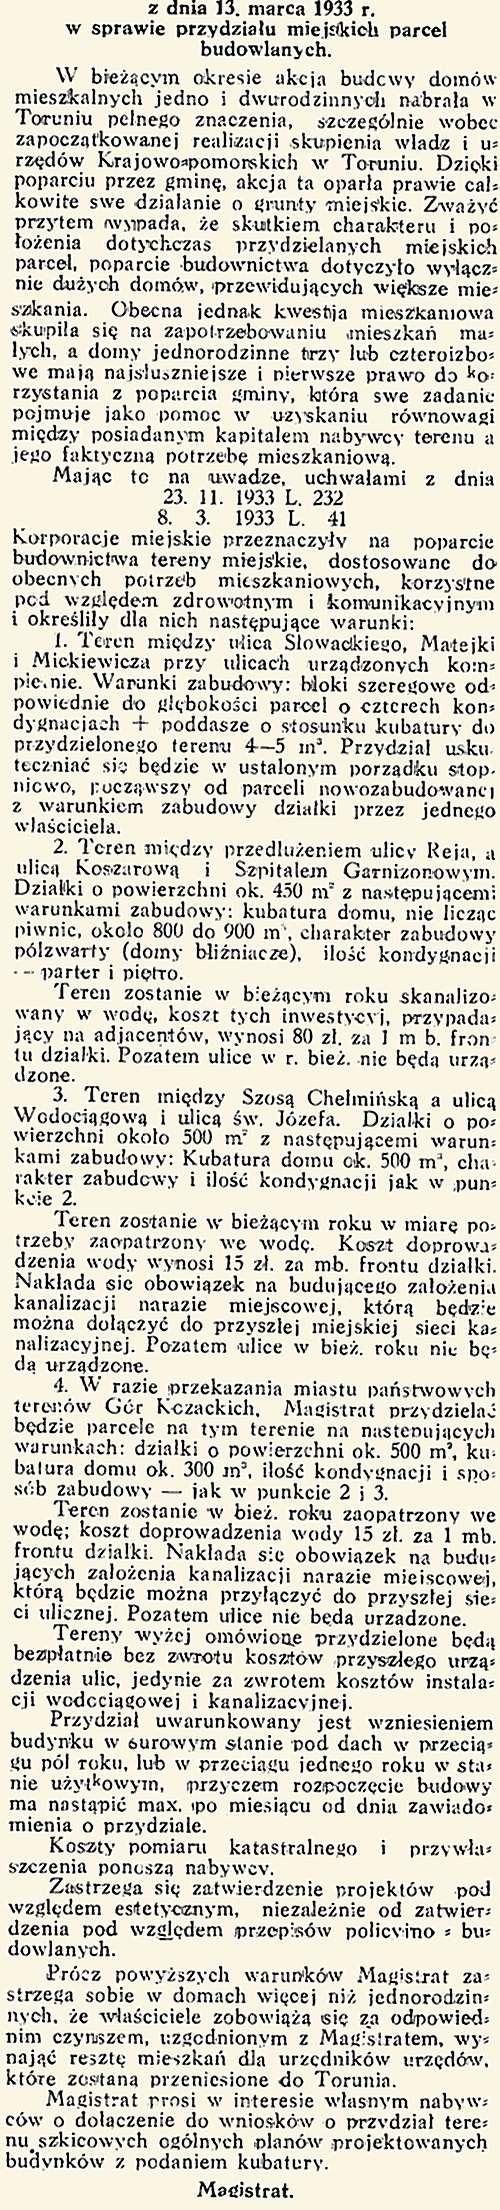 1933_03_01_15-Własciciel Nieruchomości_a